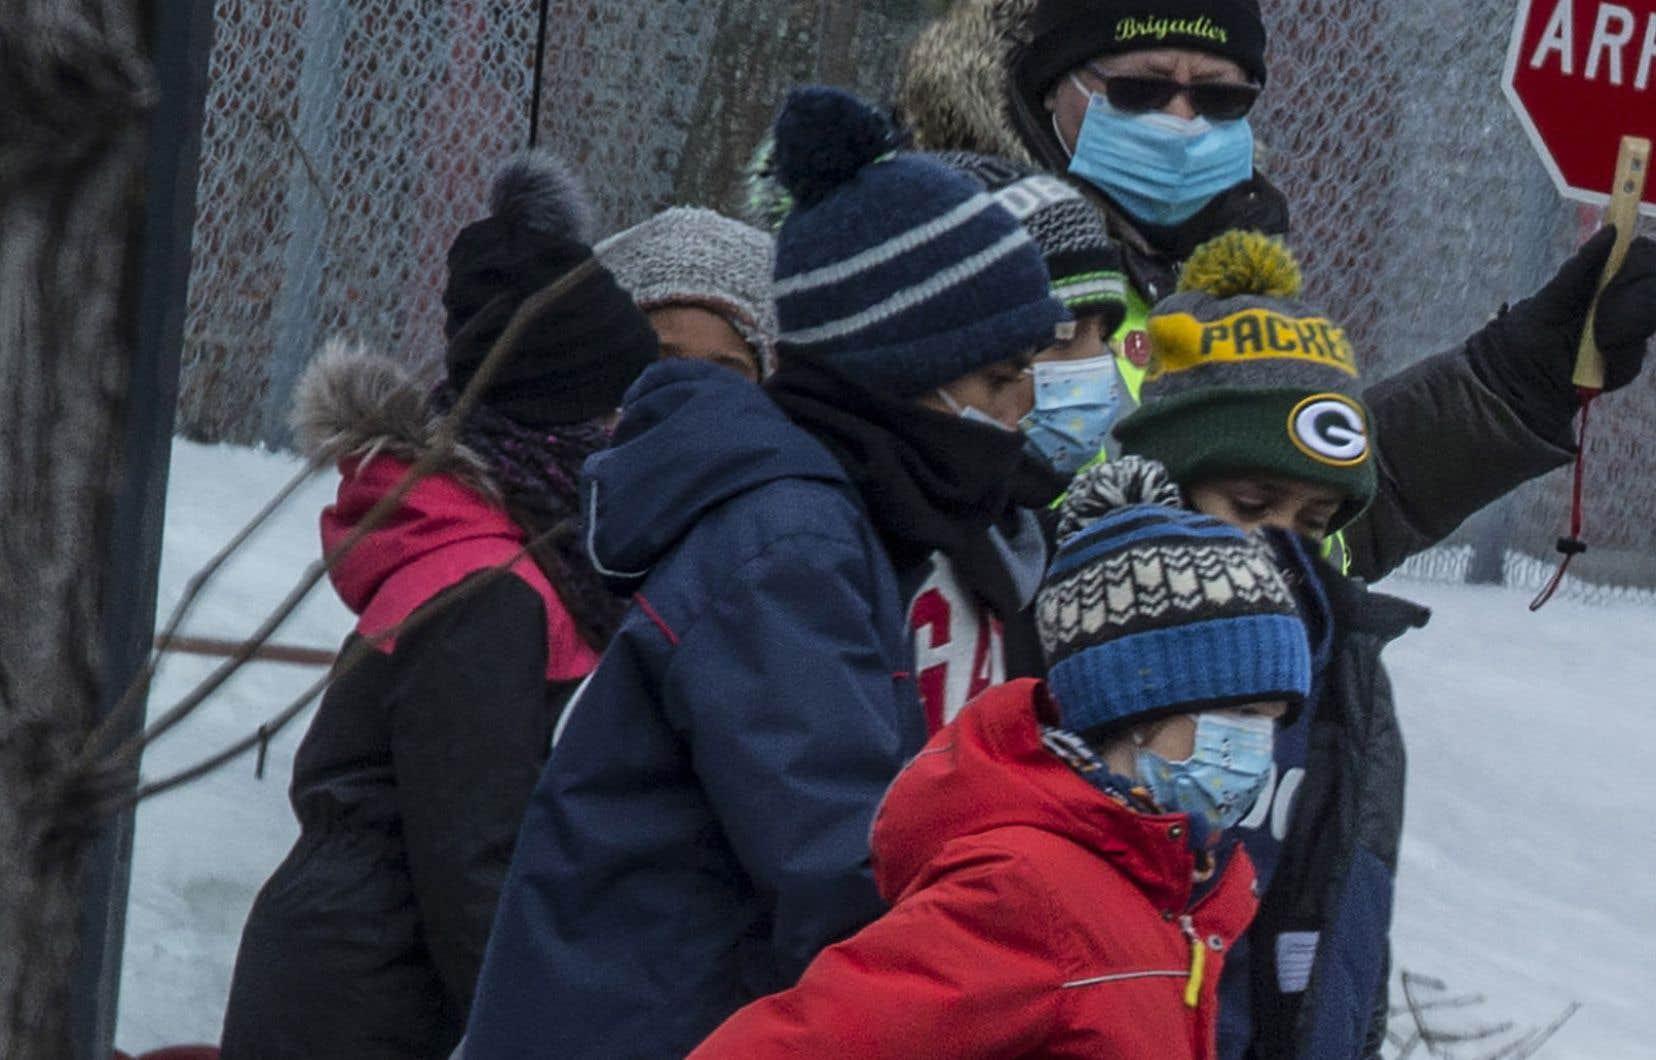 Vendredi, Québec avait demandé le retrait de masques non conformes envoyés dans les écoles et les garderies.